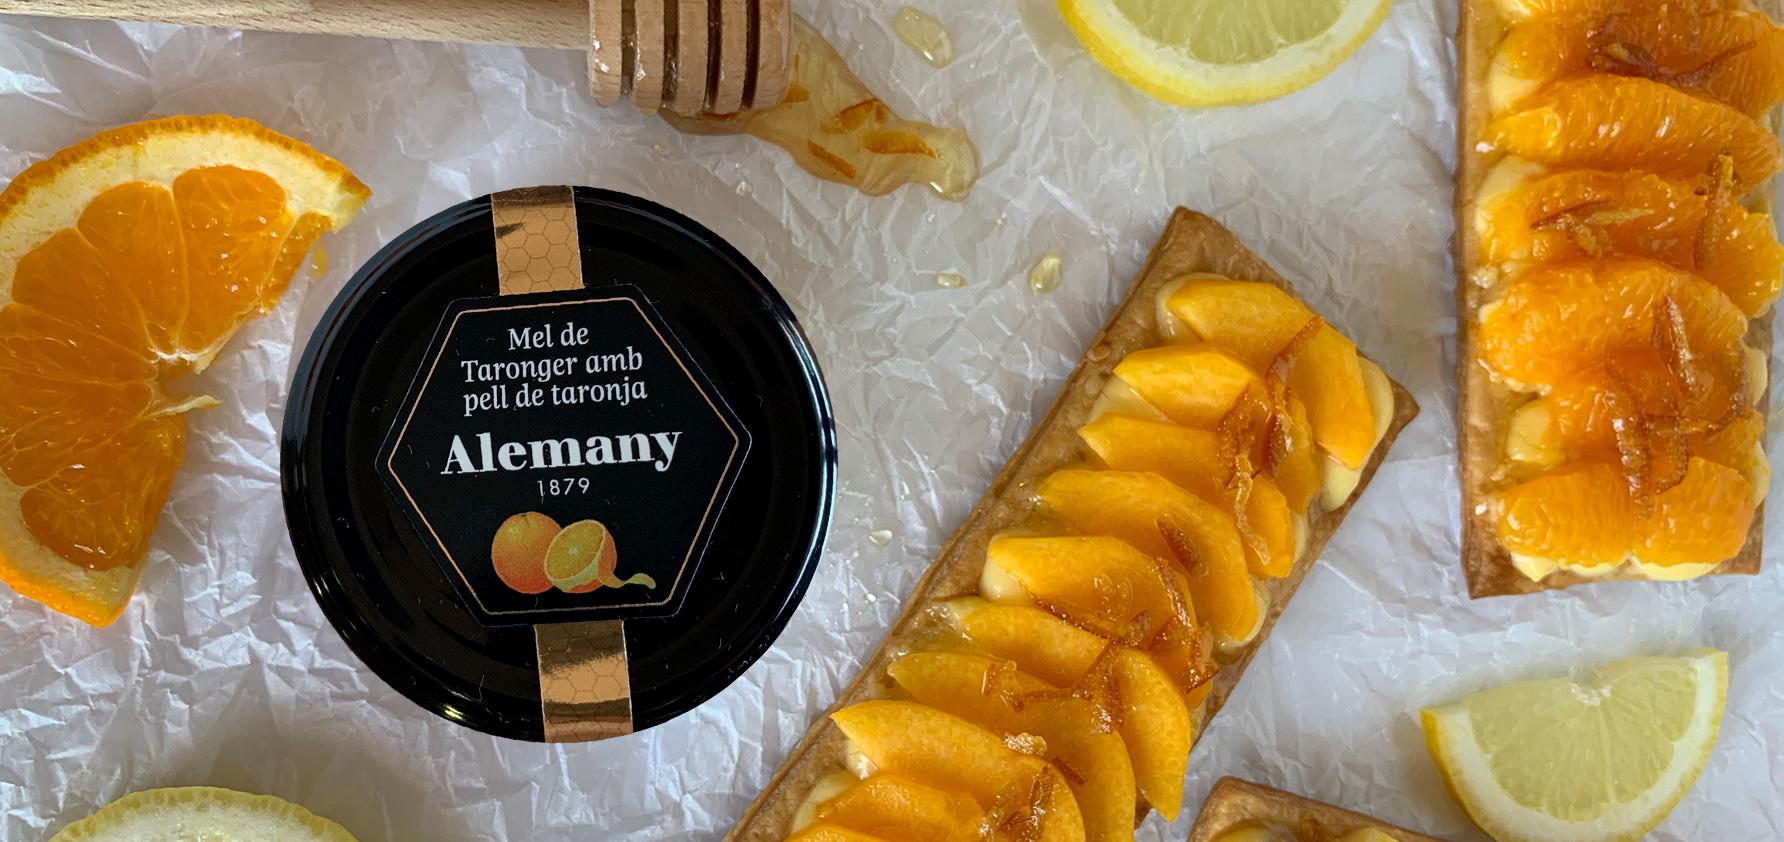 Pasta de full amb fruita i mel de taronger amb pell de taronja